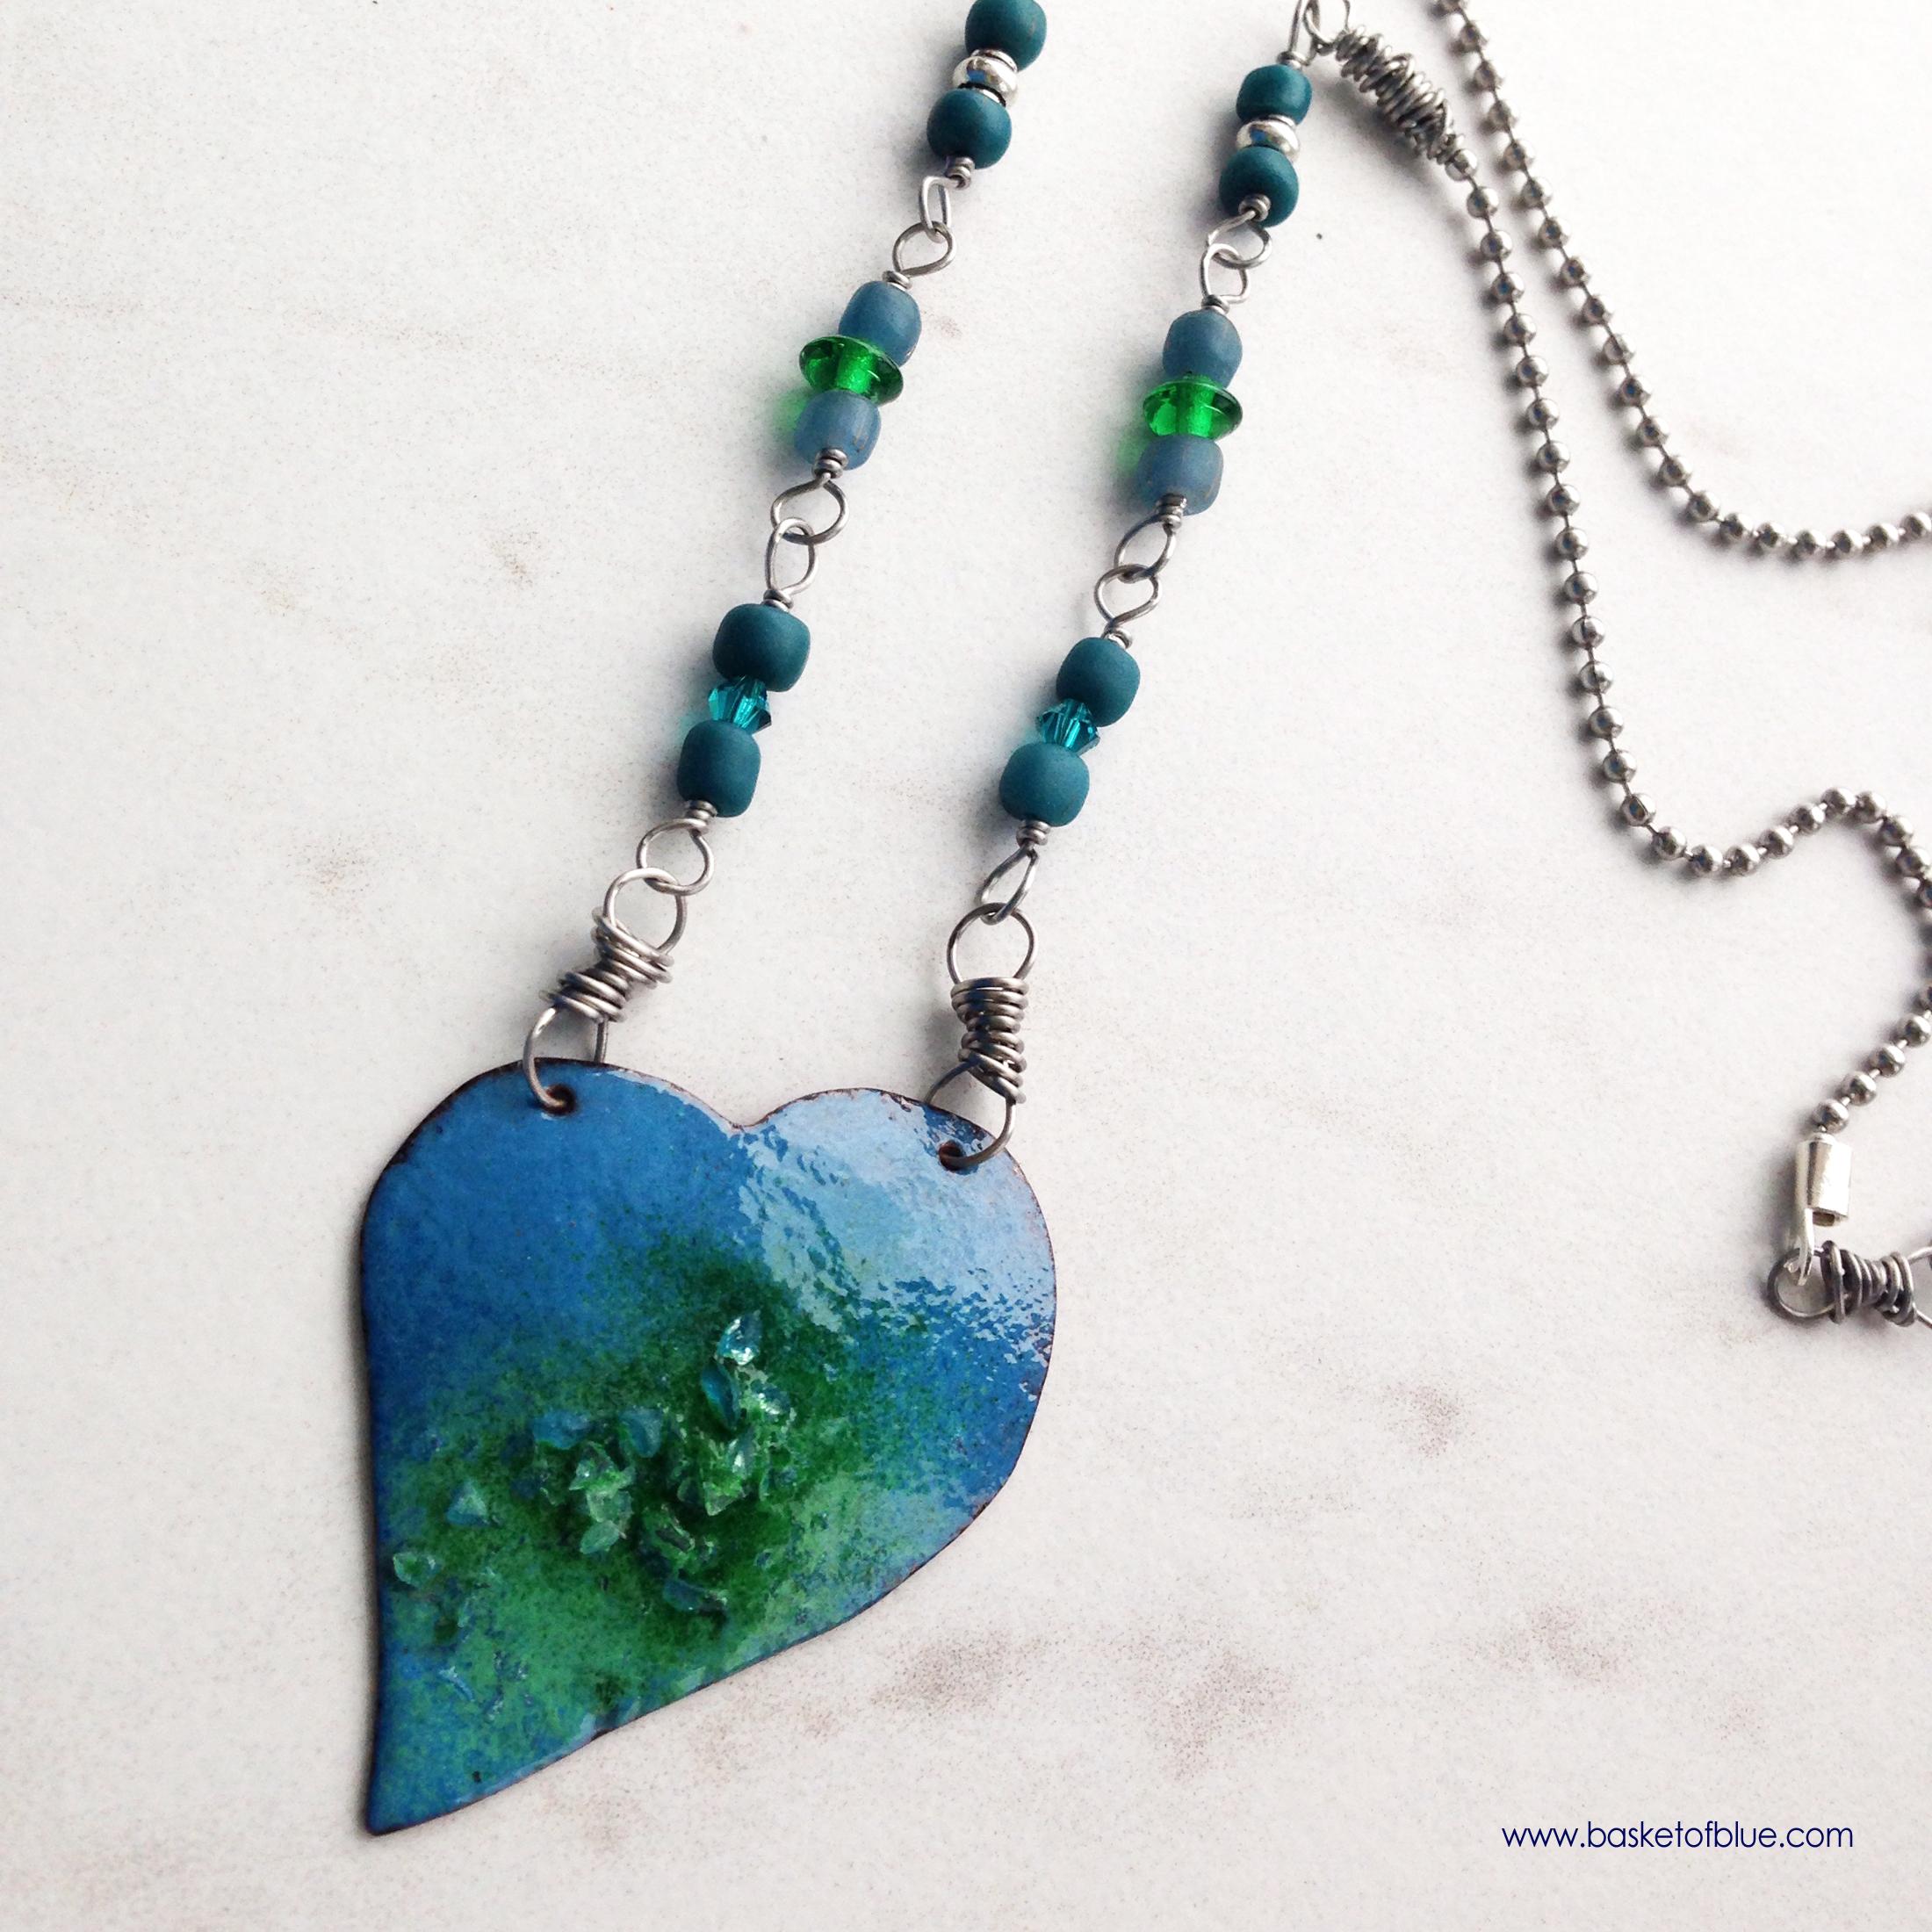 Blue Green Enamel Heart Necklace